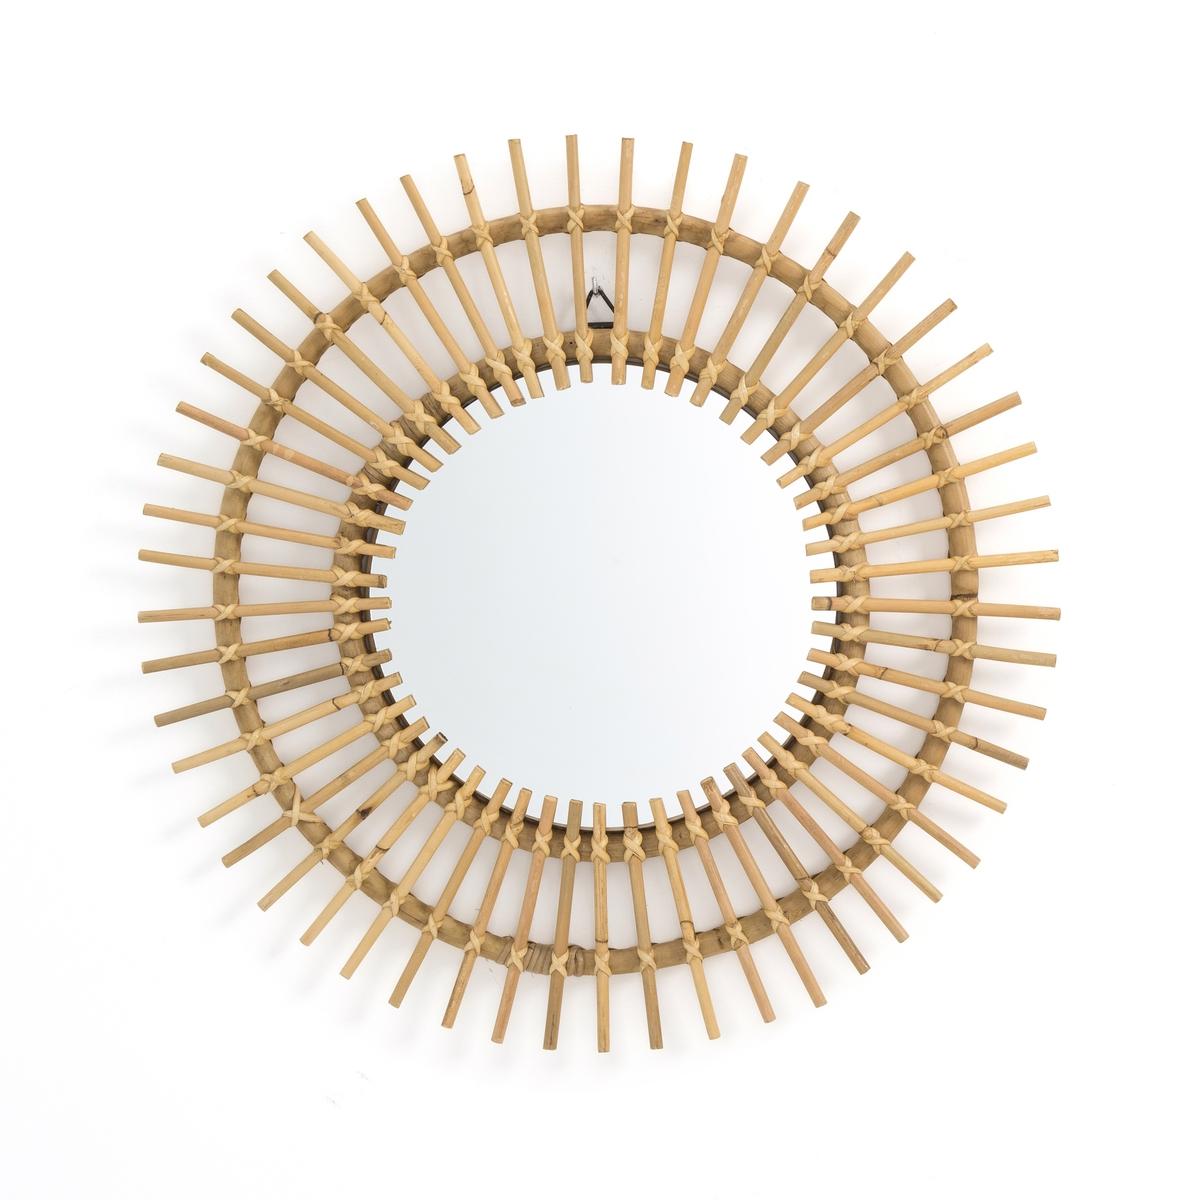 Зеркало La Redoute Из ротанга в форме солнца см Nogu единый размер бежевый зеркало la redoute квадратное из ротанга ш x в см tarsile единый размер бежевый